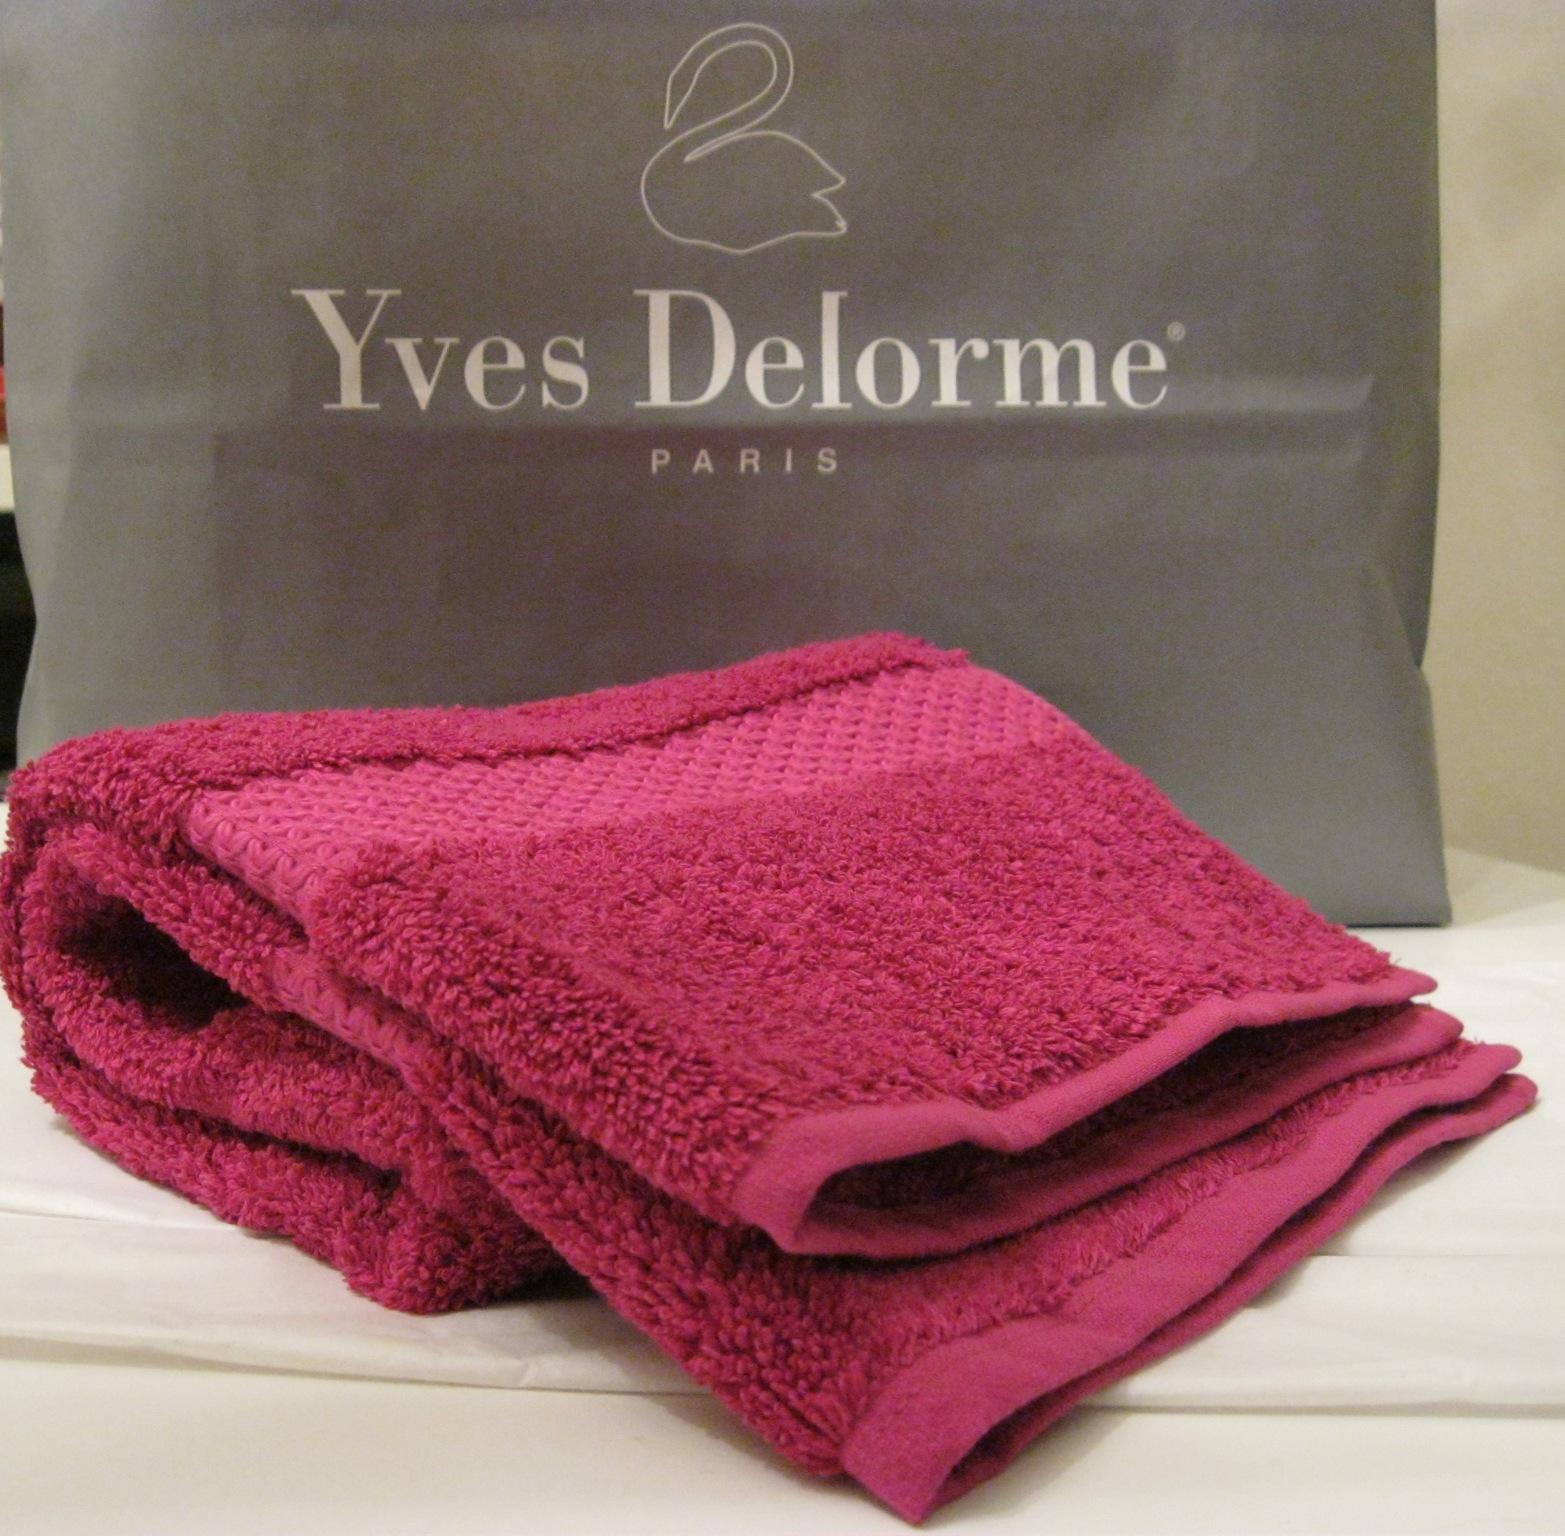 Vivere february 2012 for Yves delorme